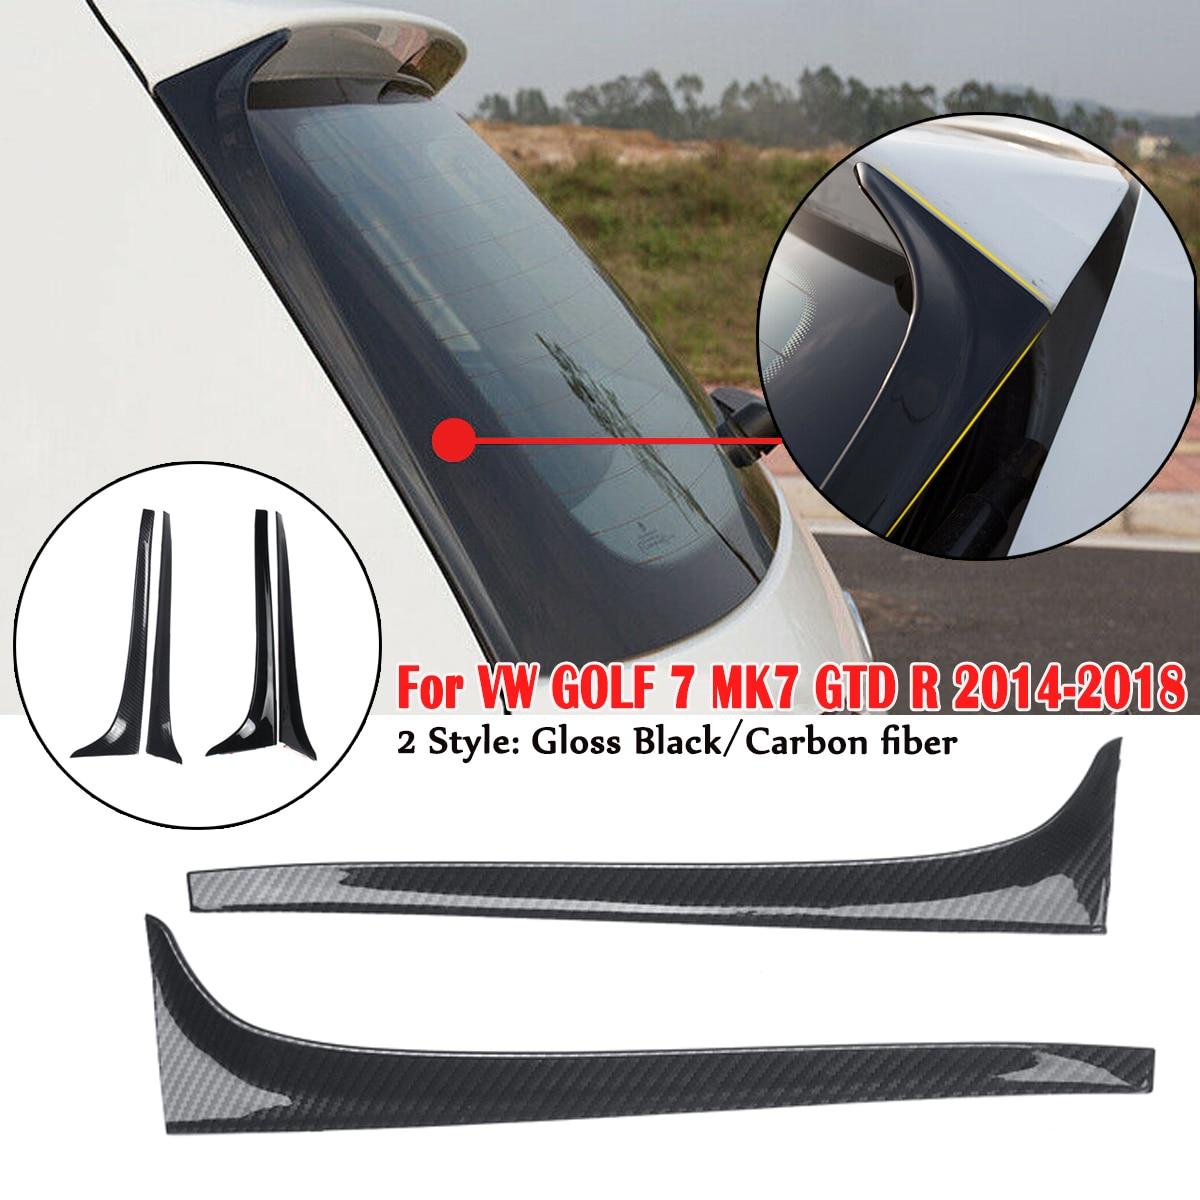 De fibra de carbono lateral para ventana trasera Spoiler ala para VW GOLF 7 MK7 GTD R 2014-2018 coche-estilo de accesorios para automóviles